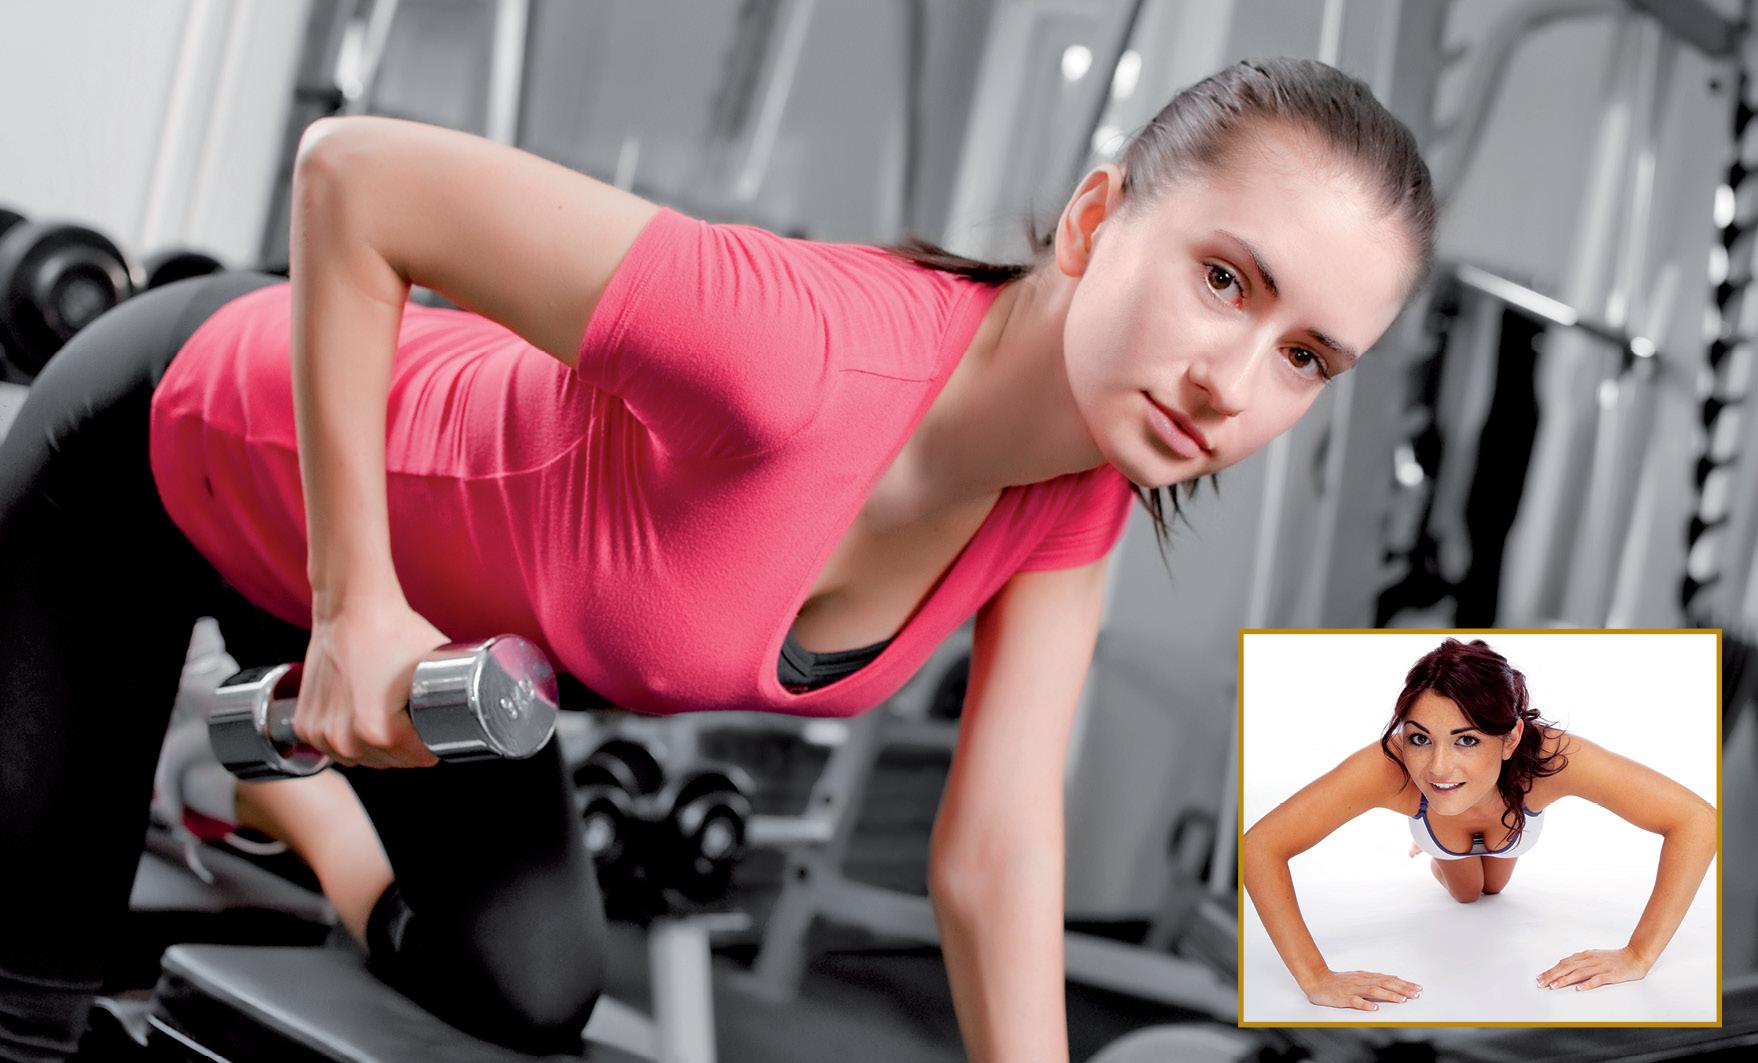 Musculação - Revista Correr - Corrida